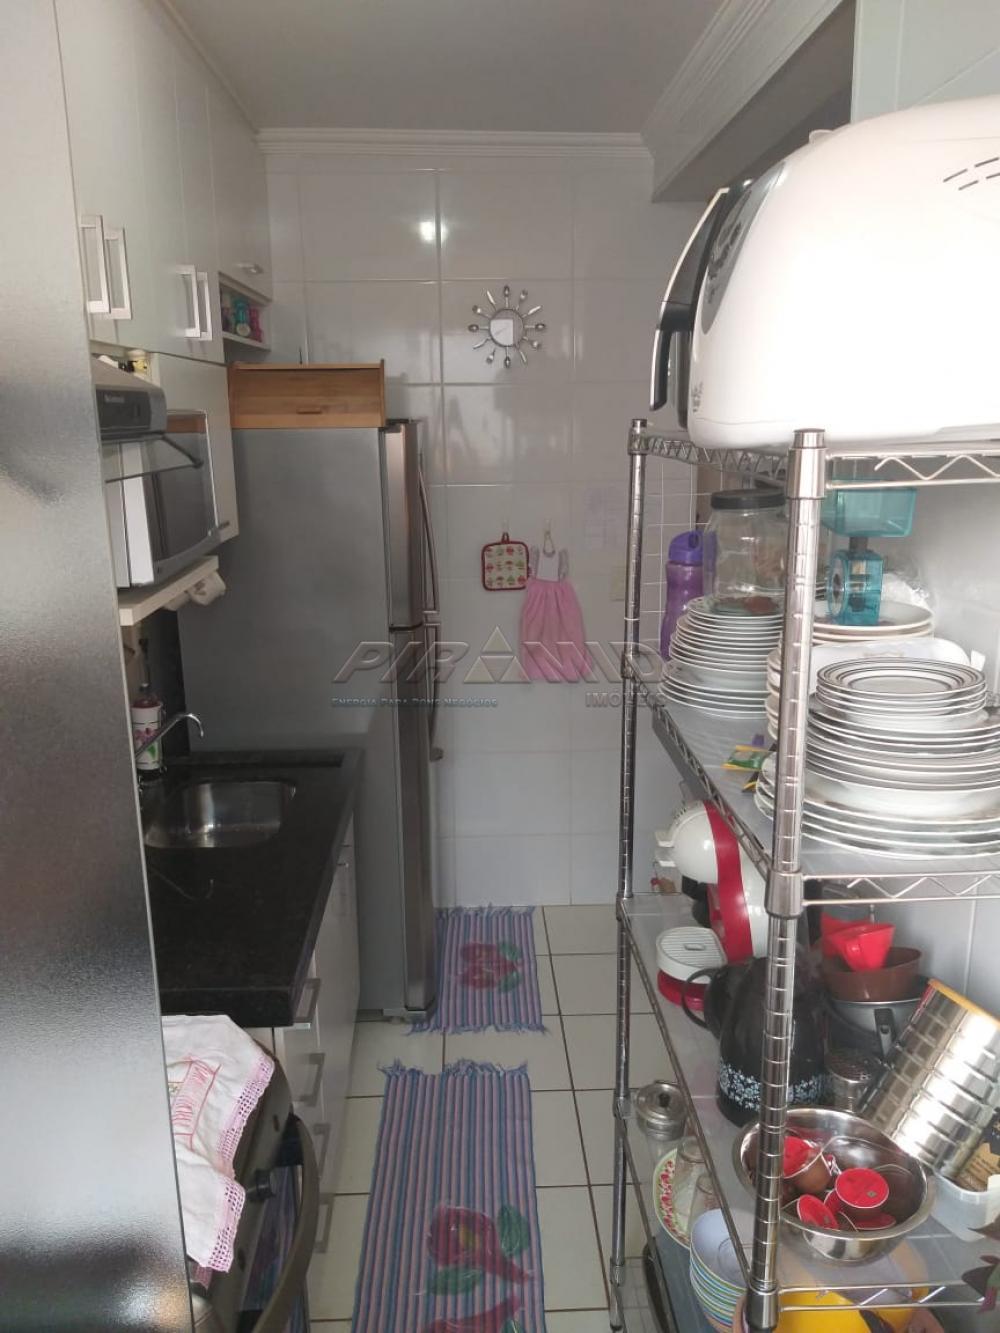 Comprar Apartamento / Padrão em Ribeirão Preto apenas R$ 180.000,00 - Foto 16